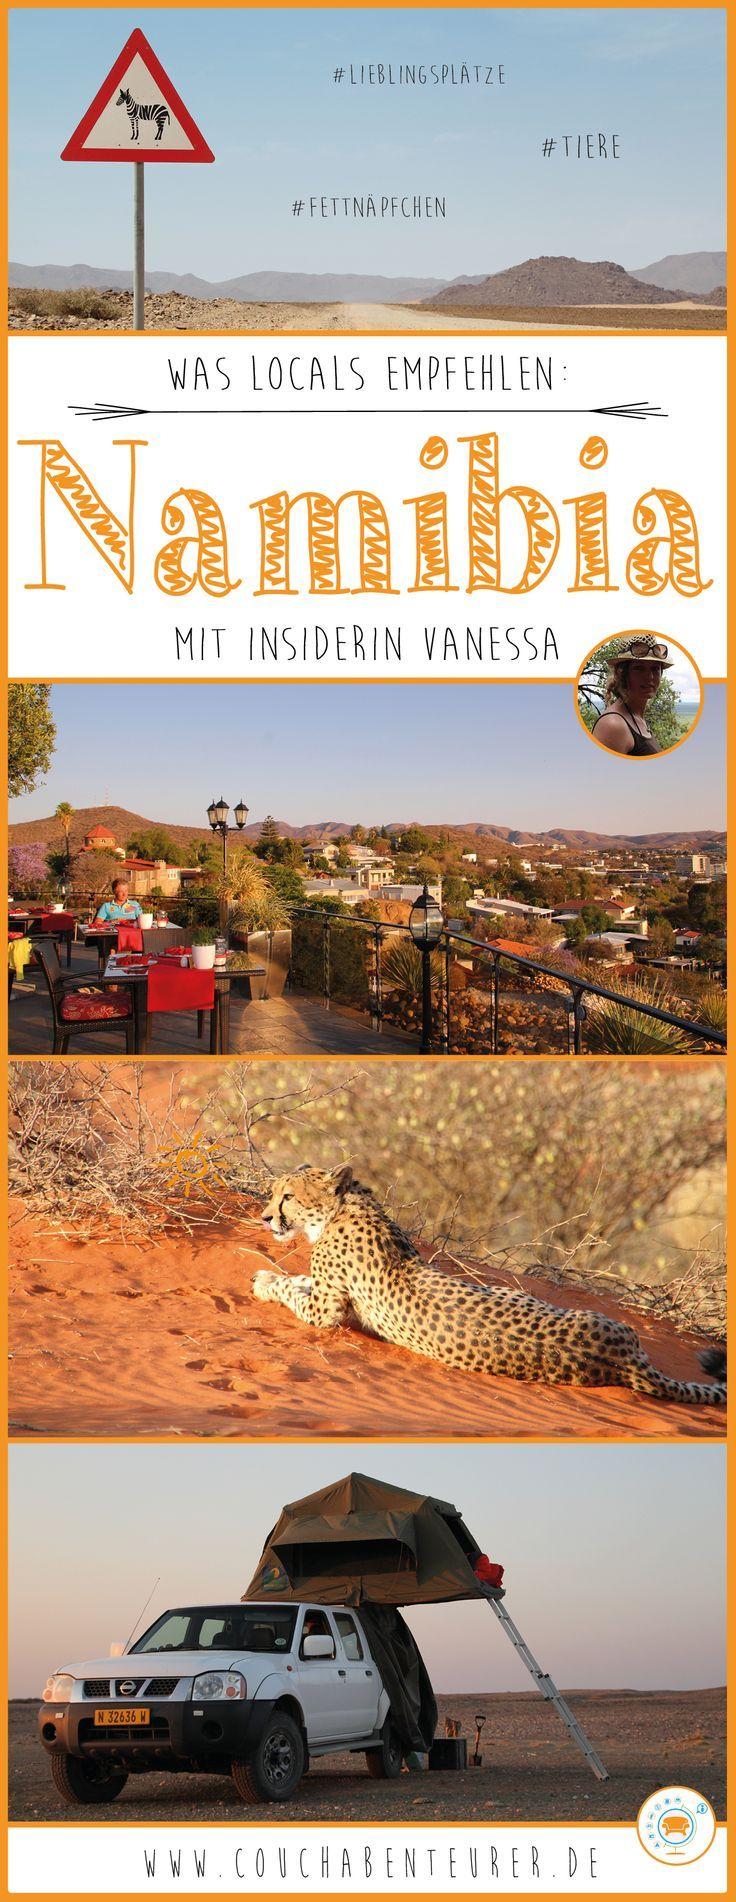 Auf Reisen erkundige ich mich oft bei Locals über ihr Land. Das hilft mir in keine Fettnäpfchen zu treten, sicher zu reisen und die schönsten Plätze zu entdecken. Glücklicherweise habe ich liebe Freunde, die aus Namibia stammen und mir auch vorab schon verraten haben, worauf es in ihrer Heimat ankommt! Vanessa habe ich auf einer Messe in München kennengelernt und seither sind wir befreundet. Ich verfolge immer mit großen Augen, wenn sie wieder in ihrer Heimat ist und tolle Abenteuer erlebt.